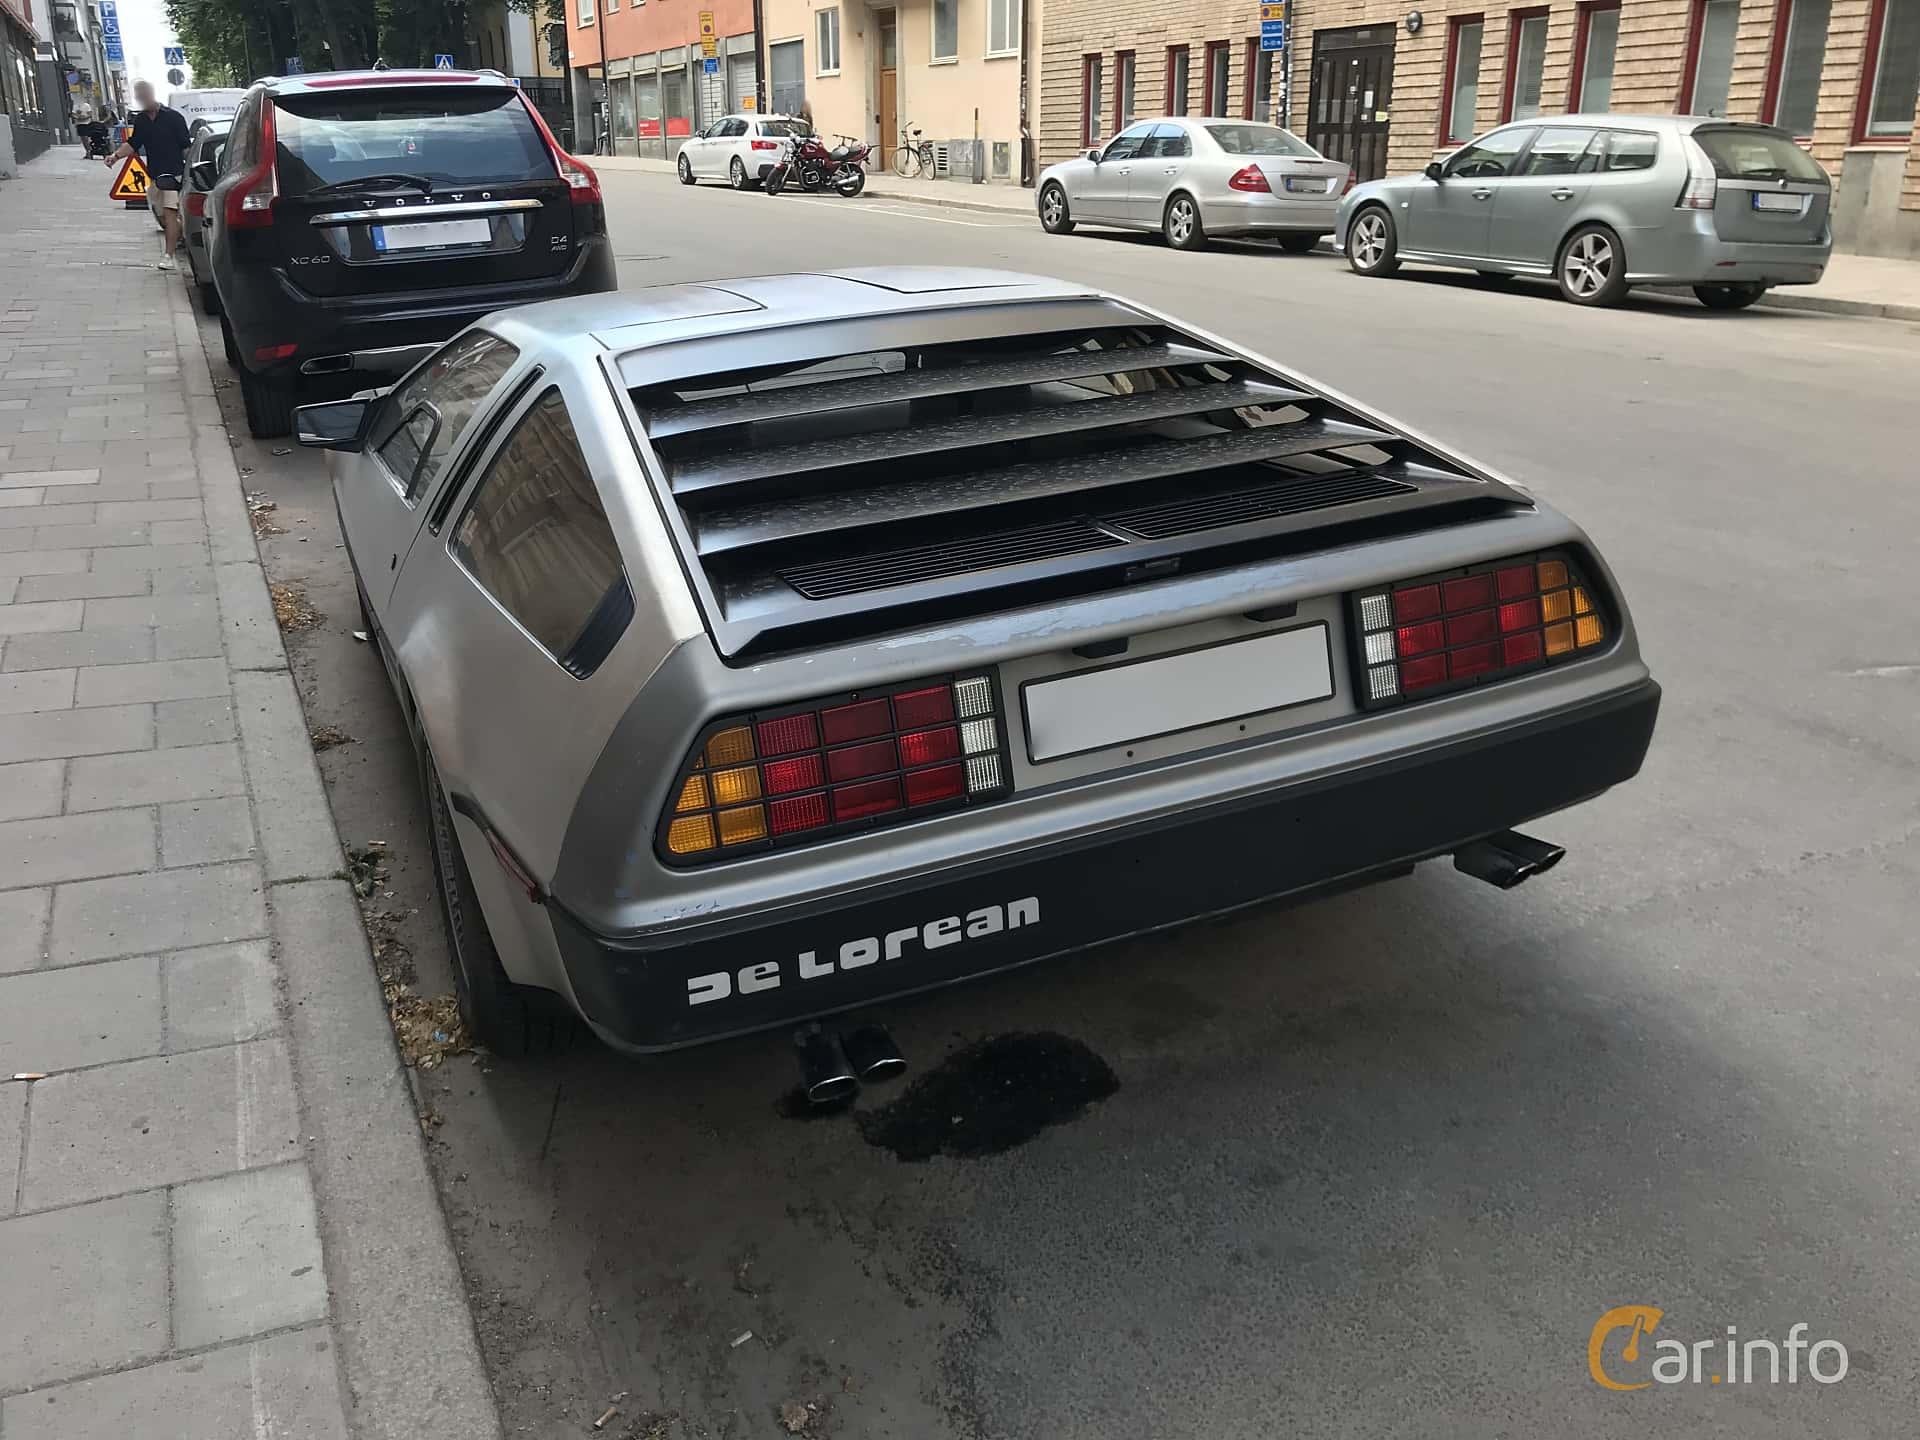 DeLorean DMC-12 2.8 V6 Automatic, 132hp, 1982